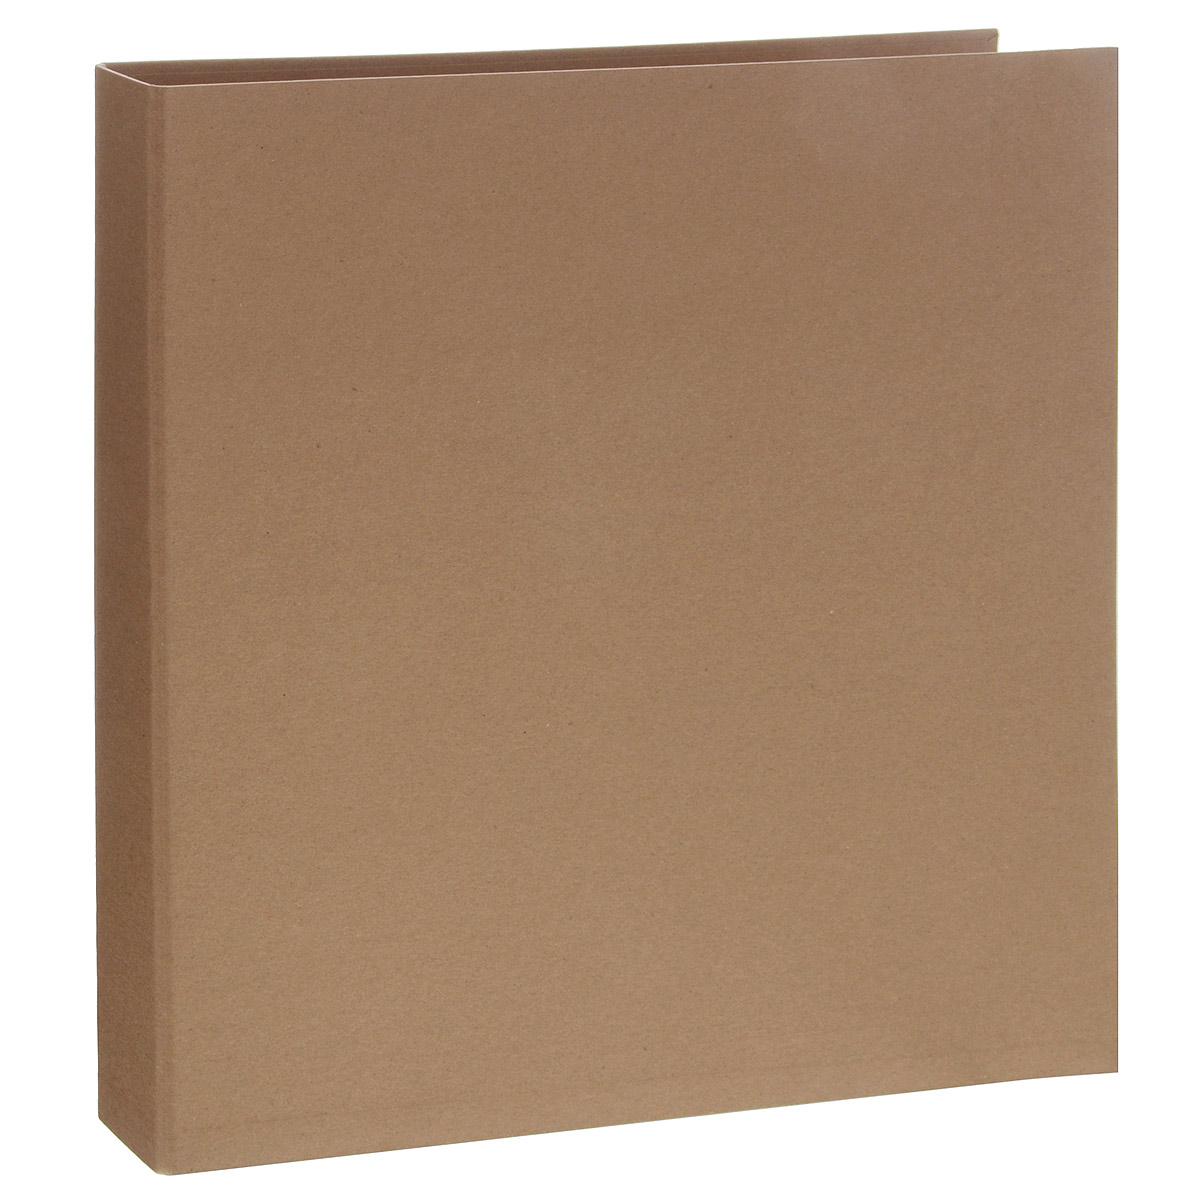 Папка для фотоальбома Folia с кольцами, цвет: бежевый, 36,5 см х 32,5 см7708065Папка Folia, изготовленная из плотного картона, предназначена для изготовления фотоальбома. Вы можете выступить в роли дизайнера, дать волю вашей фантазии и сделать прекрасный фотоальбом, например, в технике скрапбукинга. Папка оснащена четырьмя металлическими кольцами для листов альбома. Отдельные листы можно в любое время добавить, украсить заново или переместить в другое место альбома. Размер папки: 36,5 см х 32,5 см х 4 см.